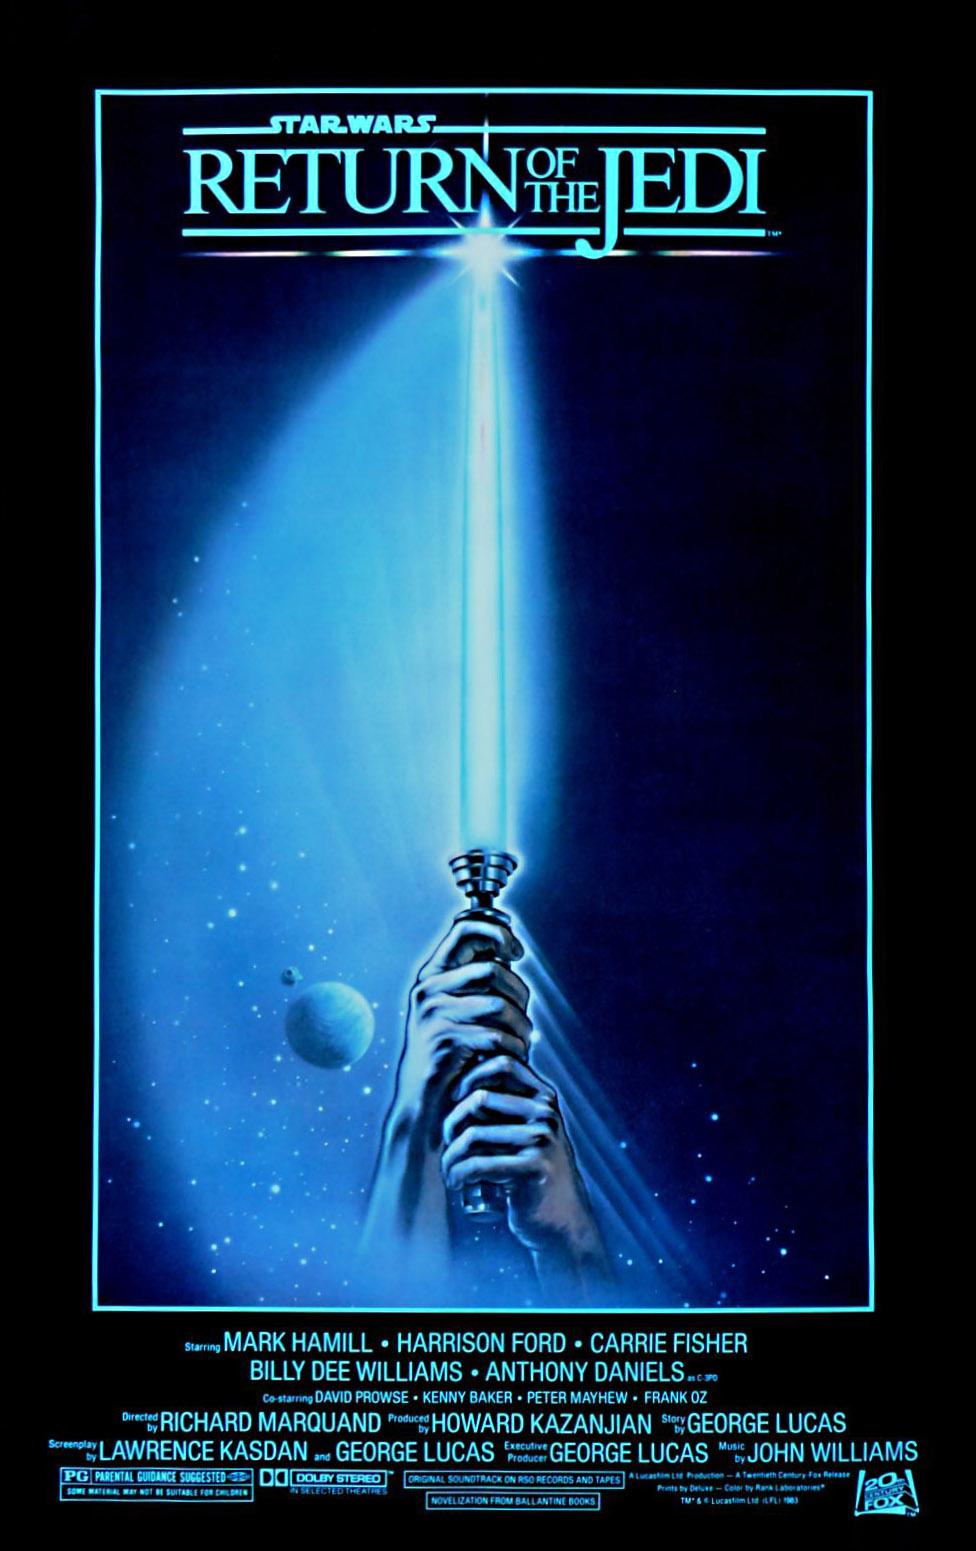 Star Wars Episode Vi Return Of The Jedi Starloggers